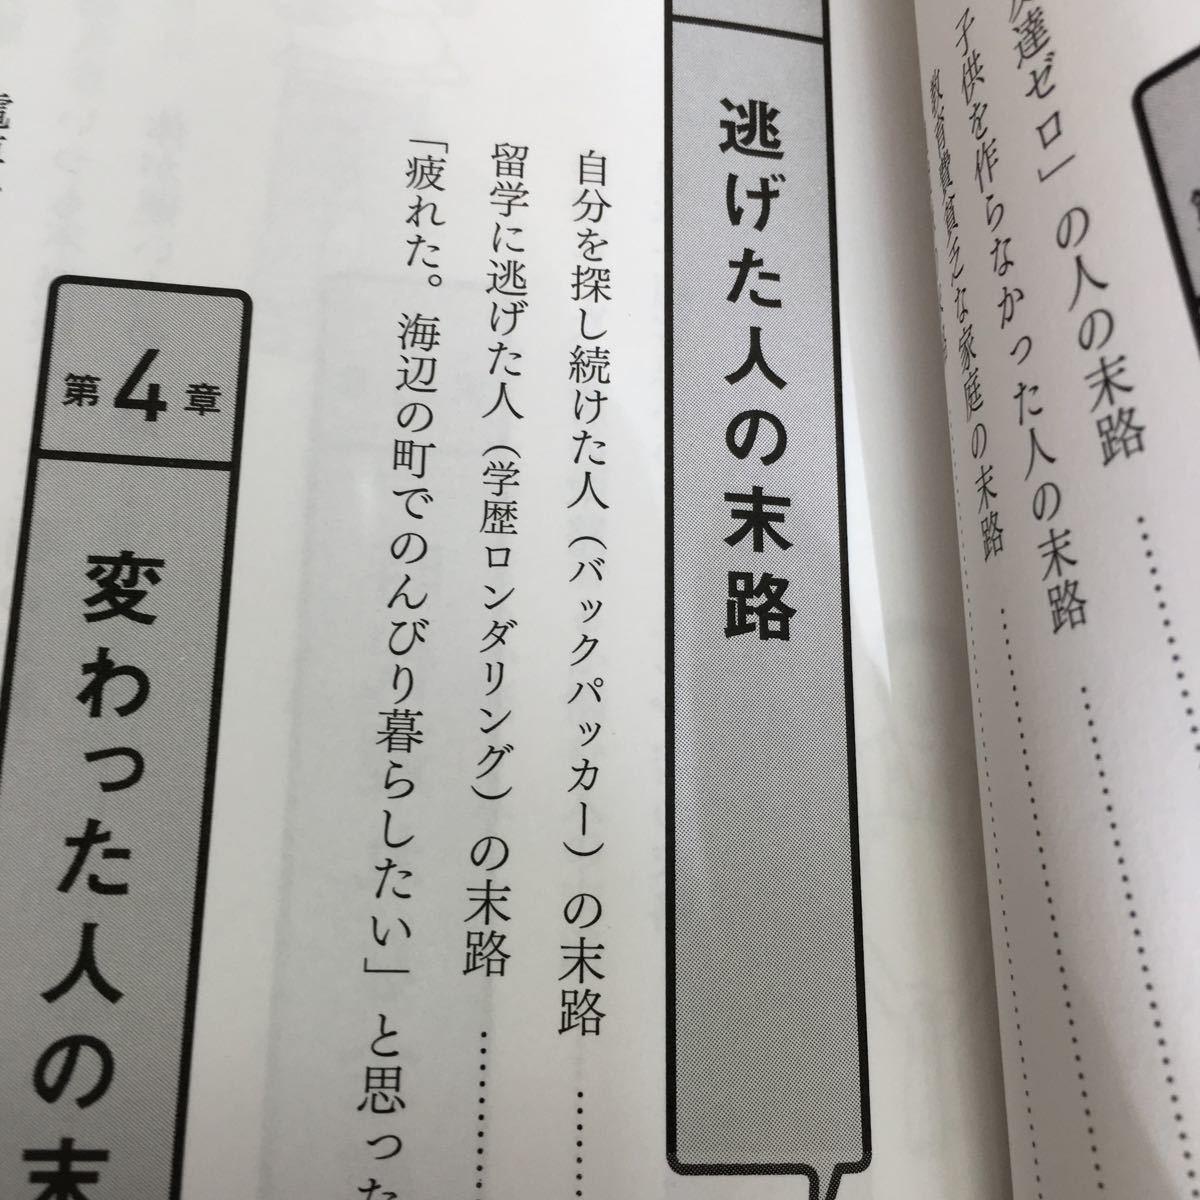 宝くじで1億円当たった人の末路 鈴木信行 中古 状態普通_画像6